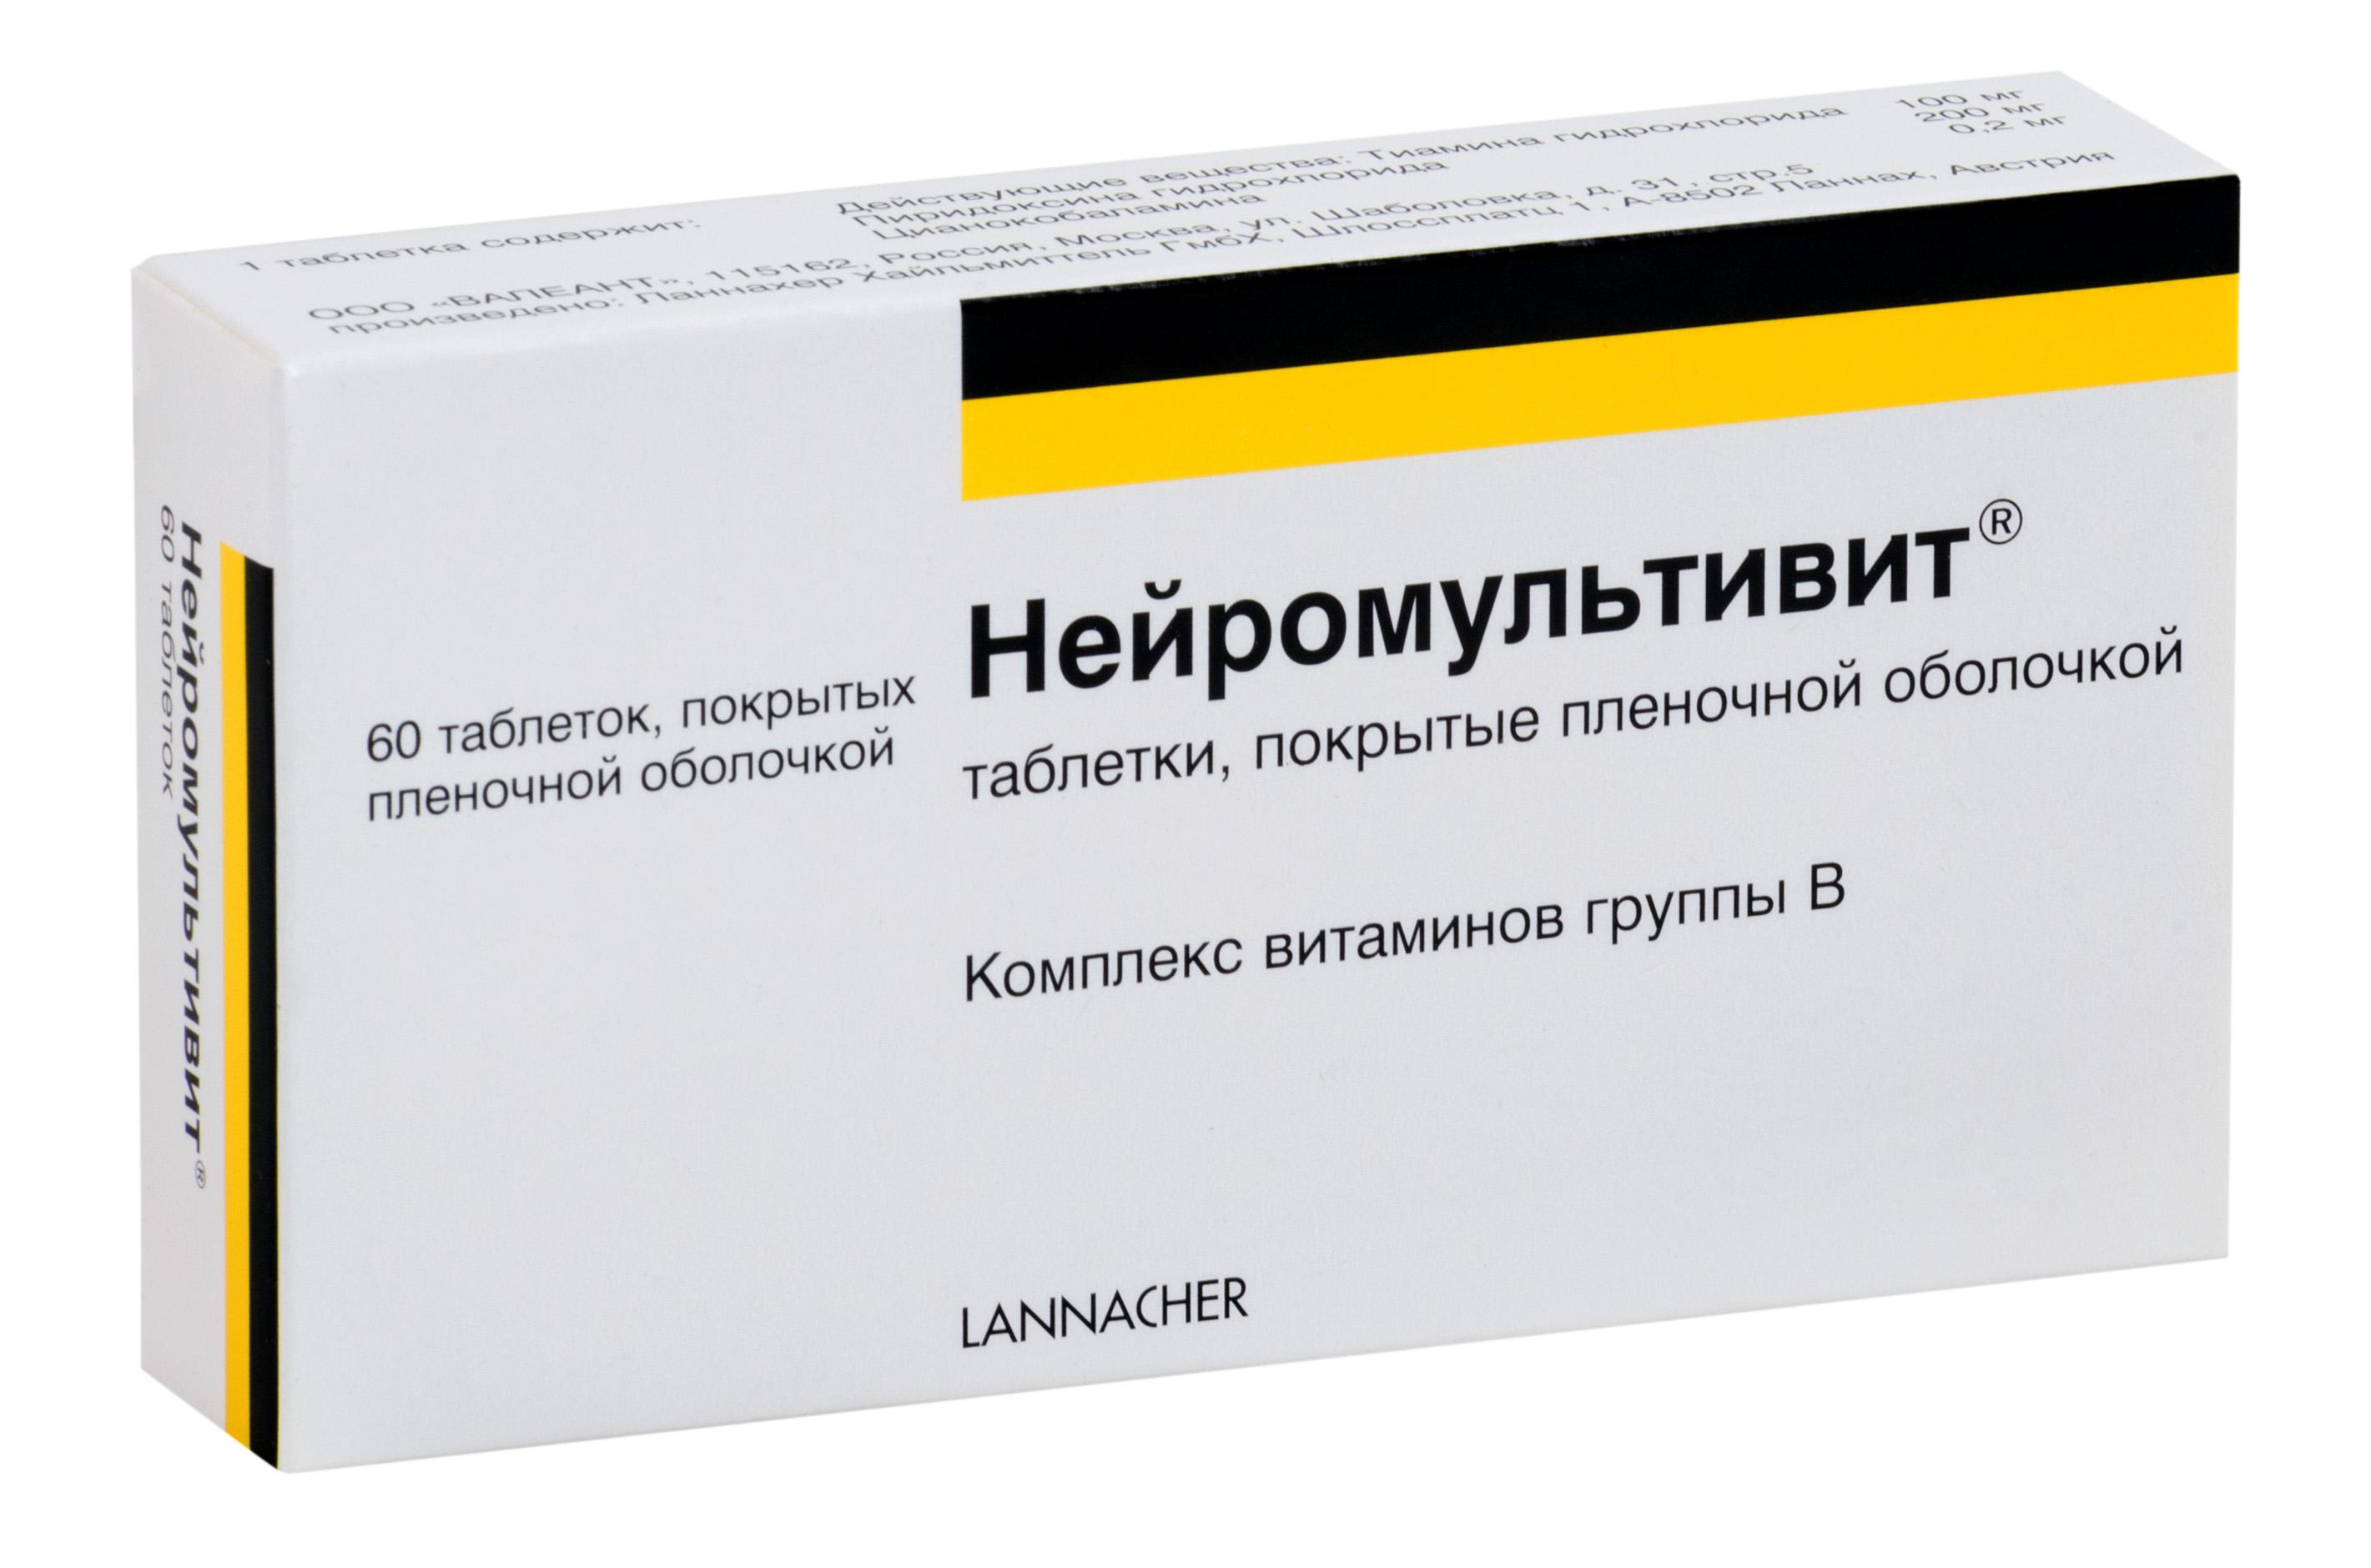 Нейромультивит таб. п.п.о. n60